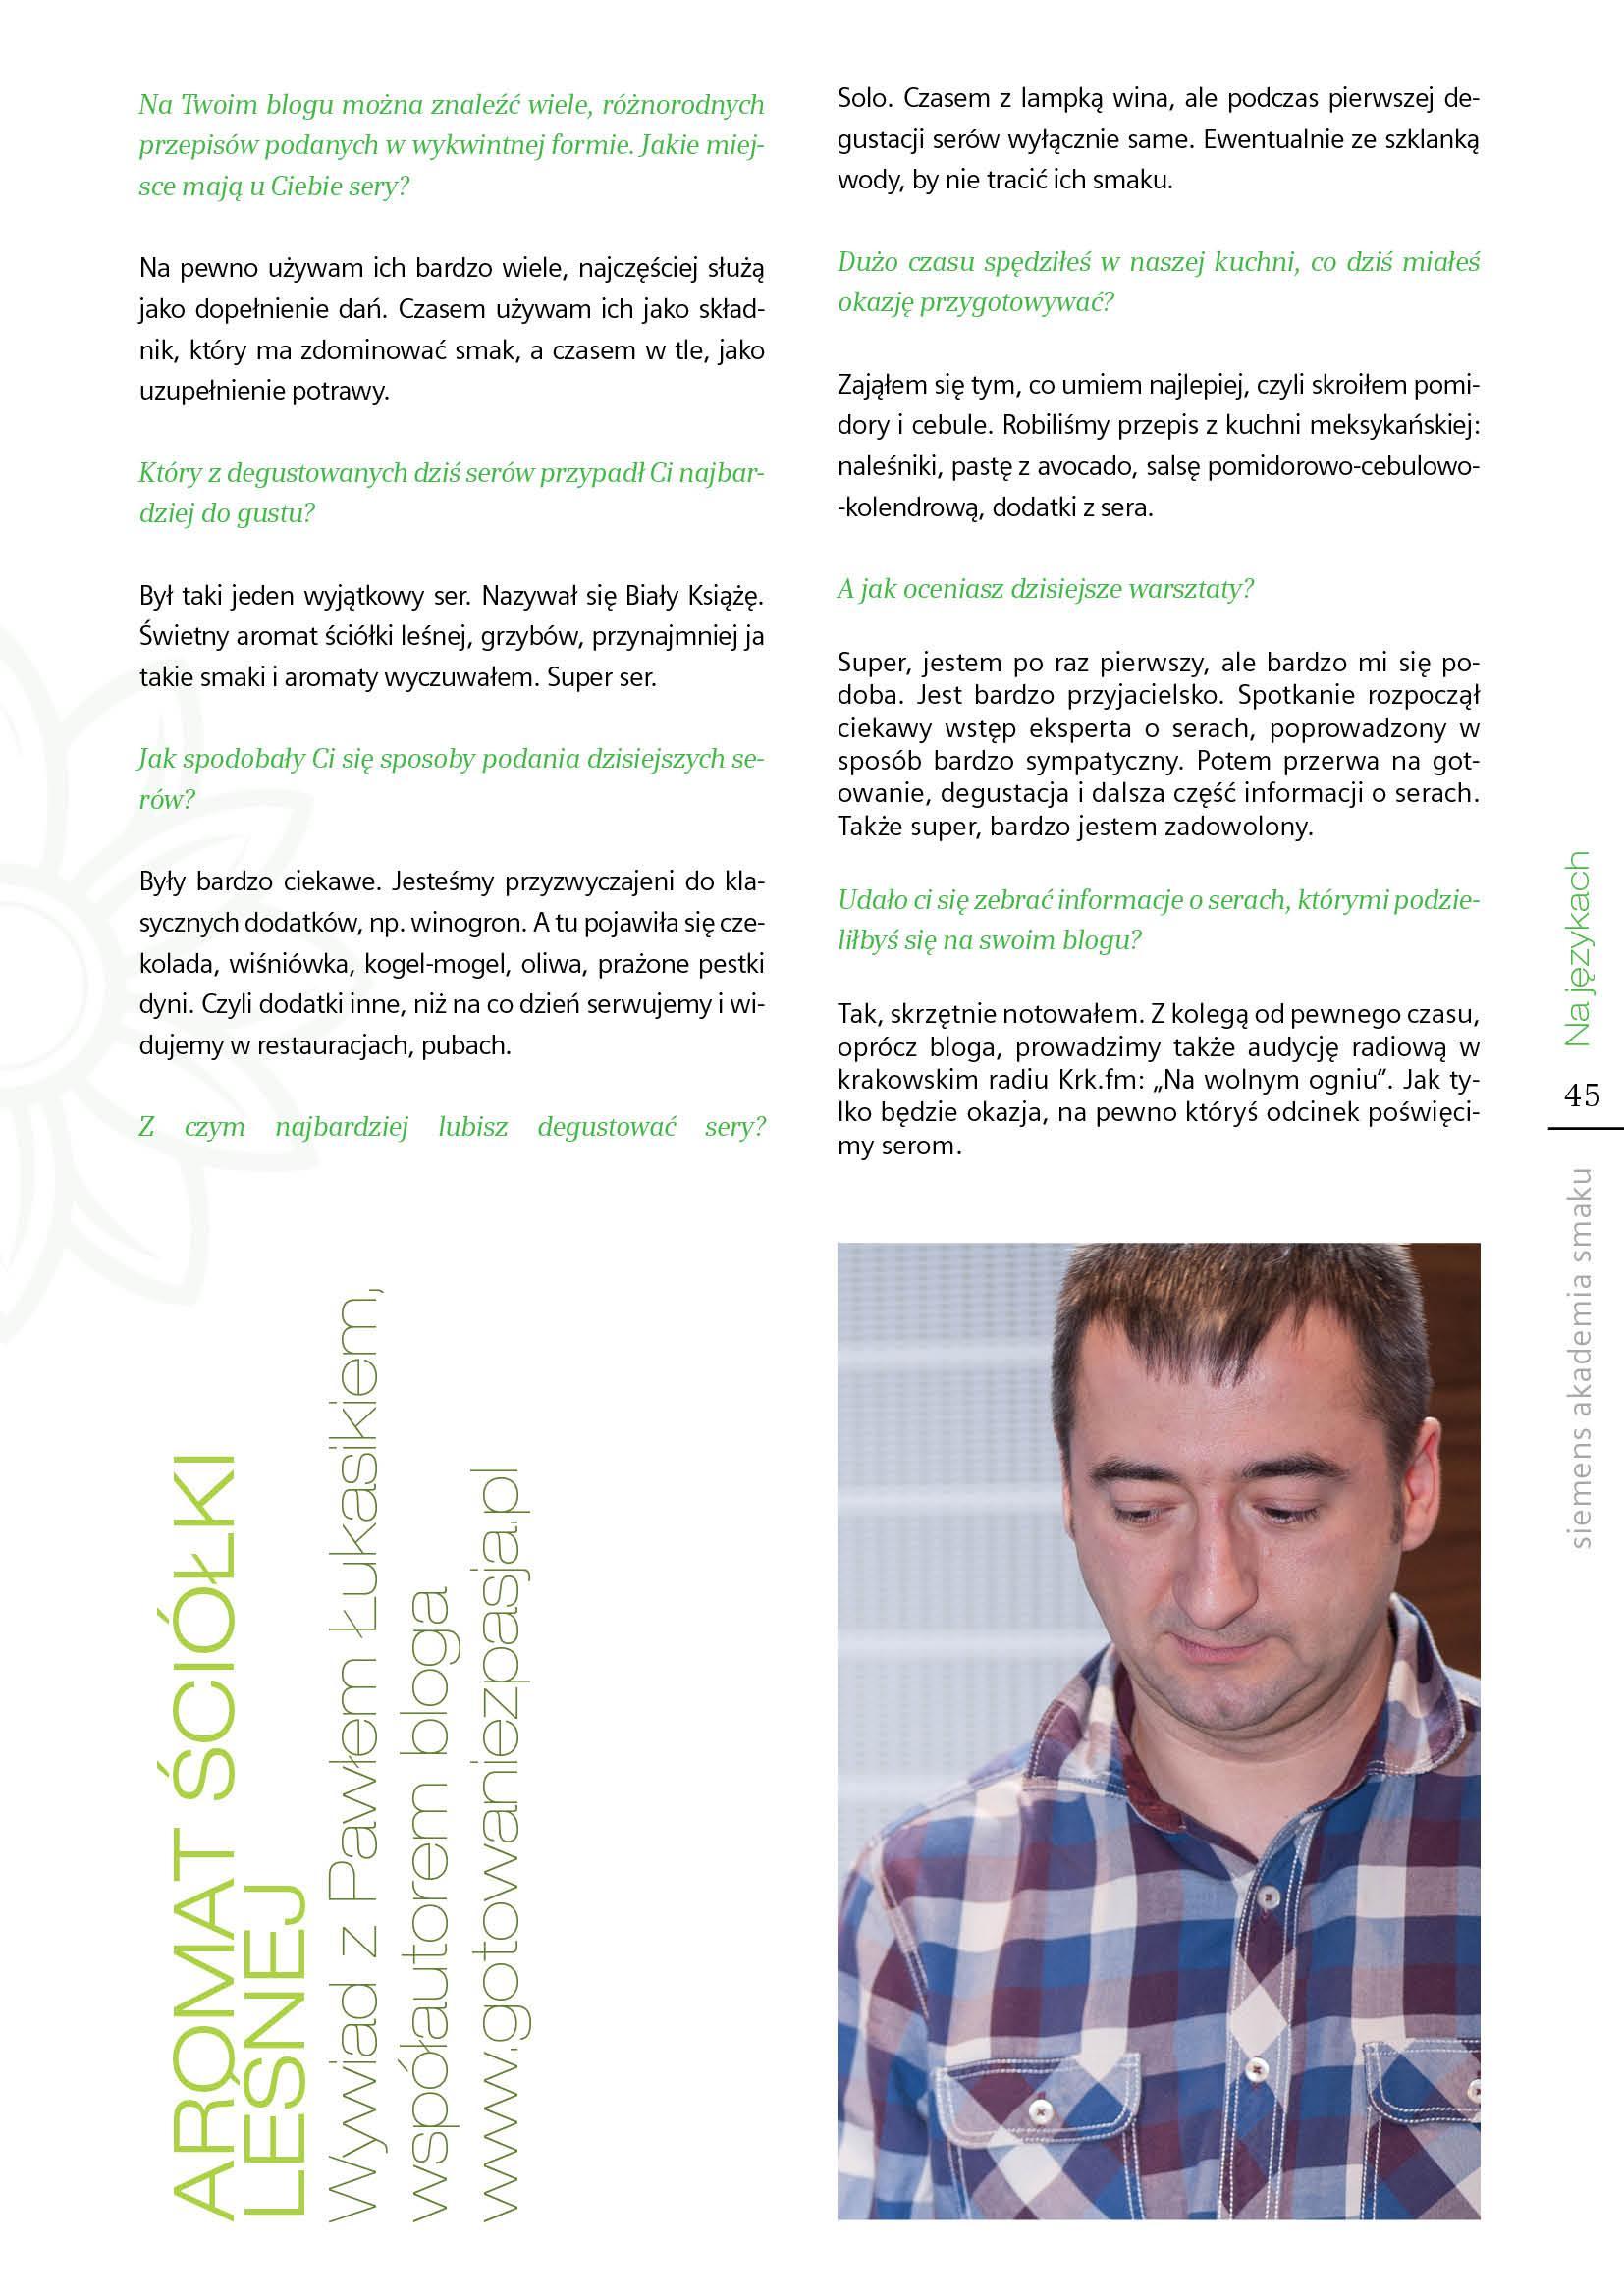 Sery - Strona 45